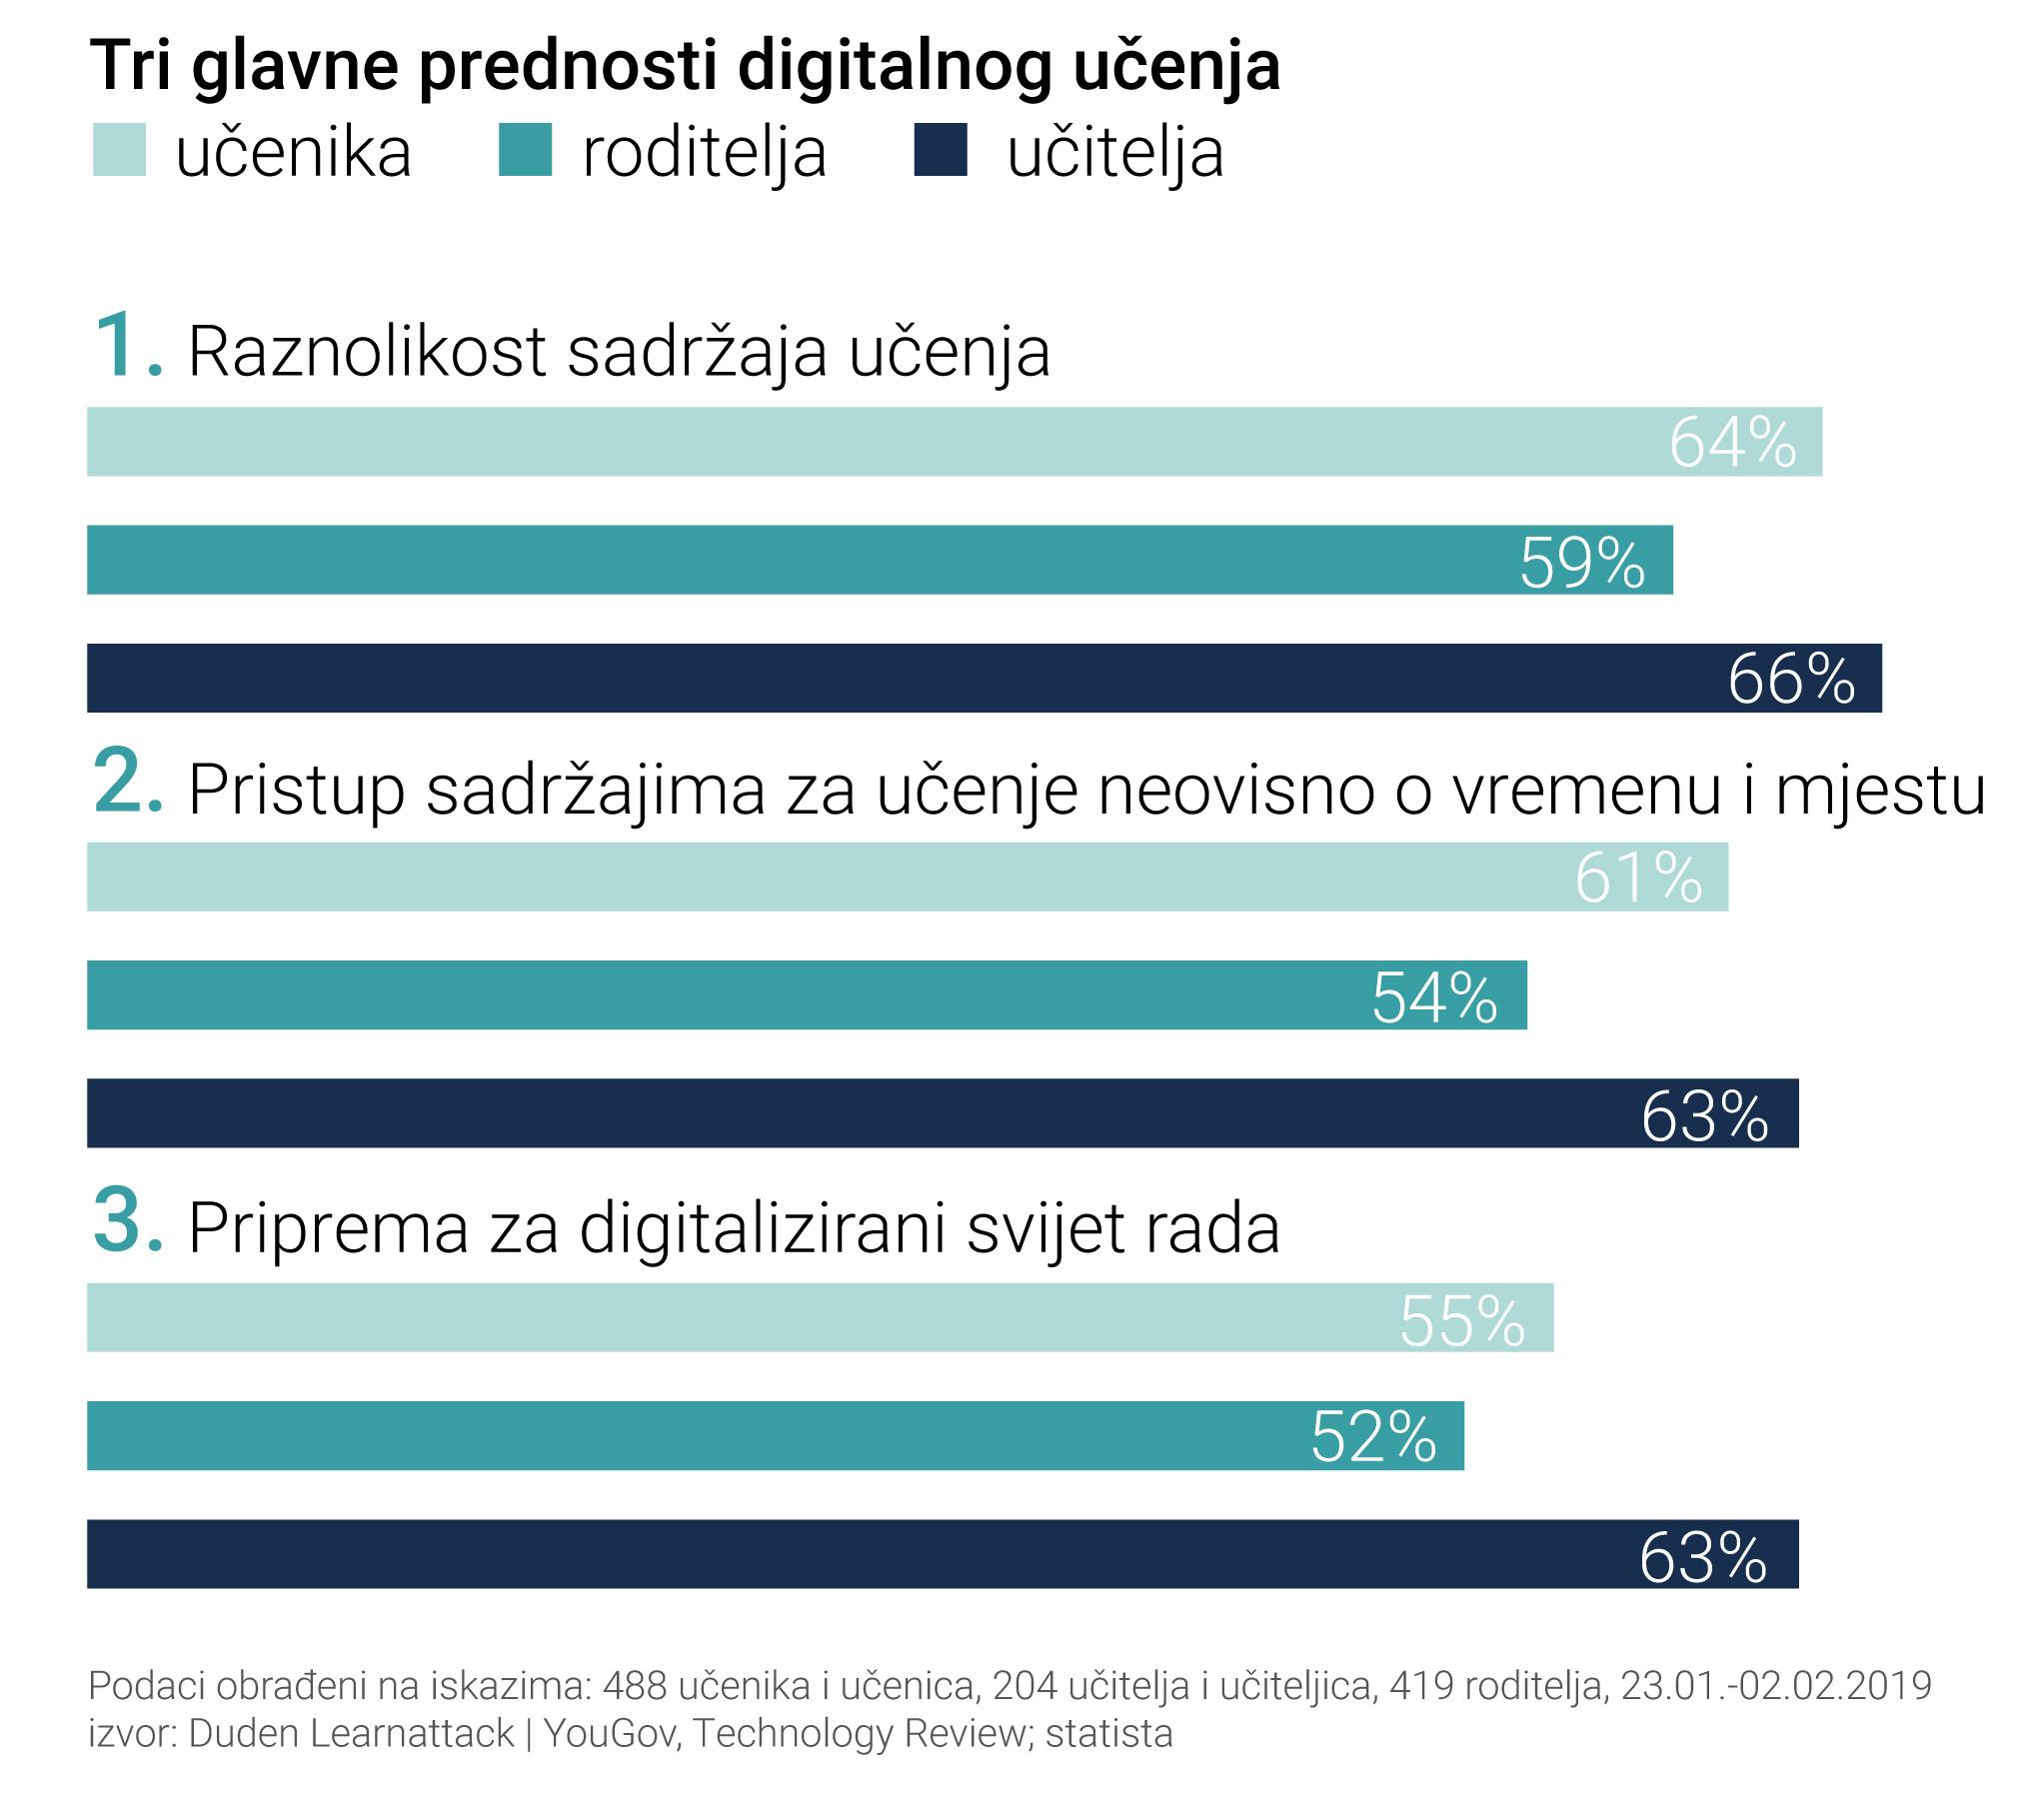 3 glavne prednosti digitalnog učenja